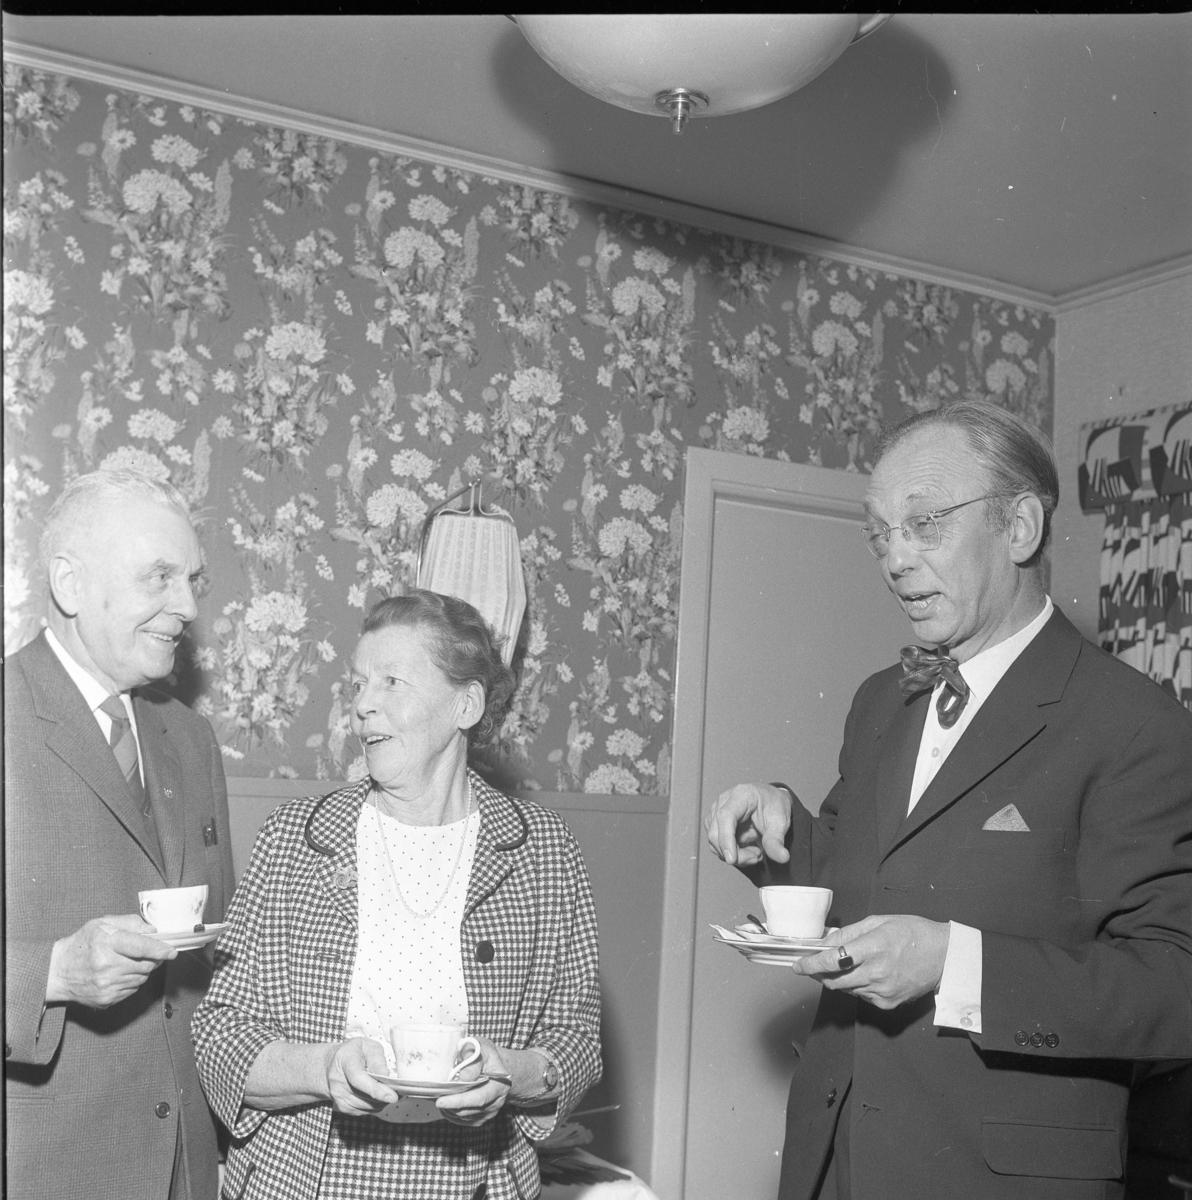 John Ingesson, Karin Simonsson och Yngve Hamrin, redaktör vid Jönköpings-posten, alla med kaffekopp i handen.